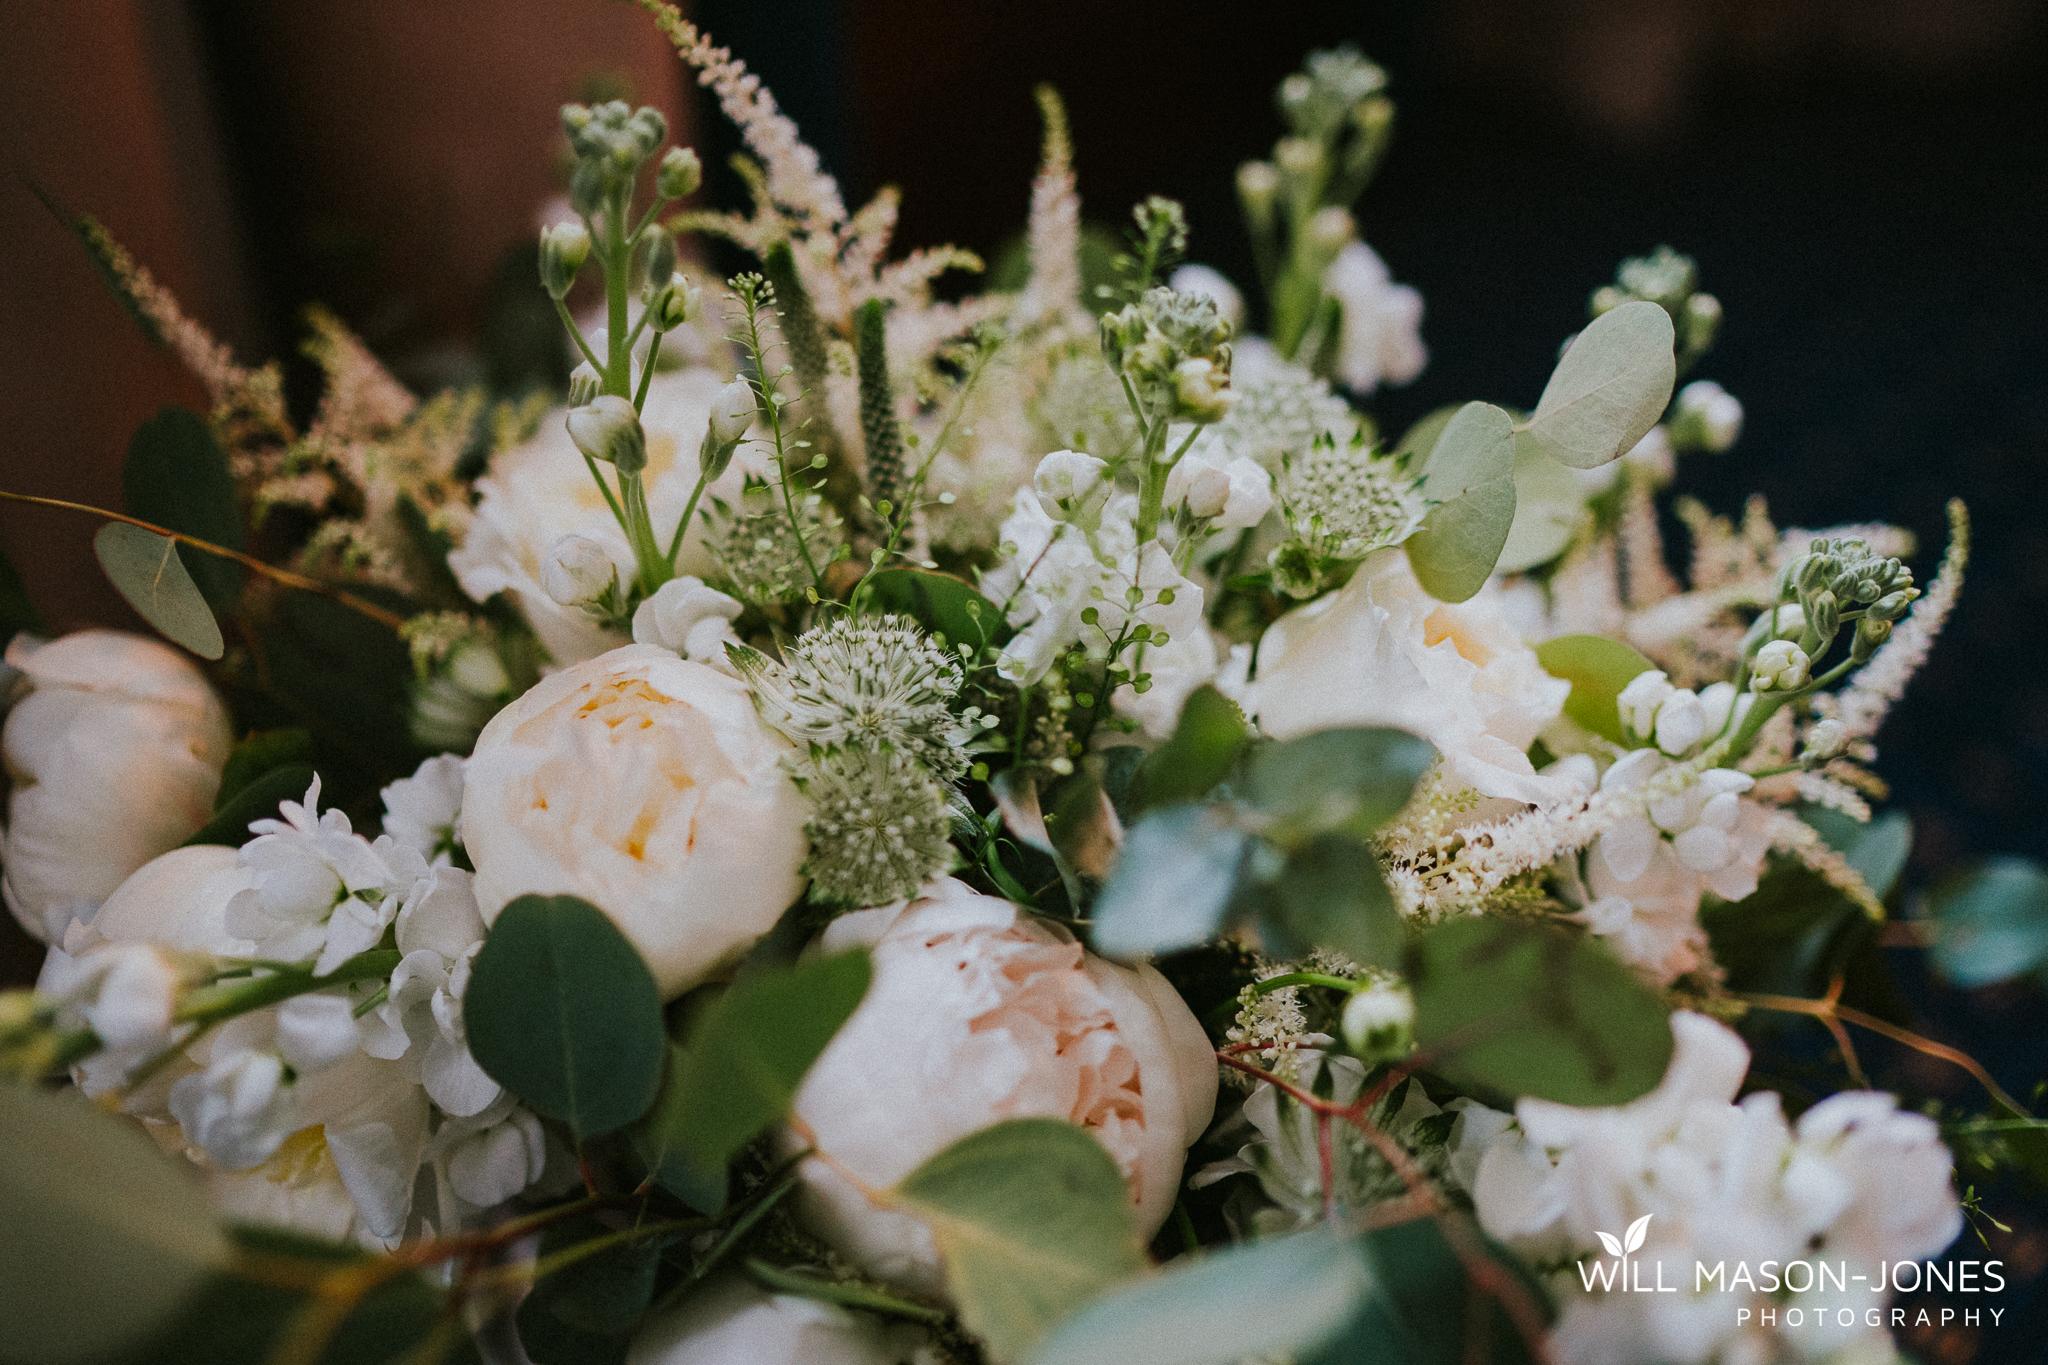 morgans hotel swansea bridal preparations photography natural colourful